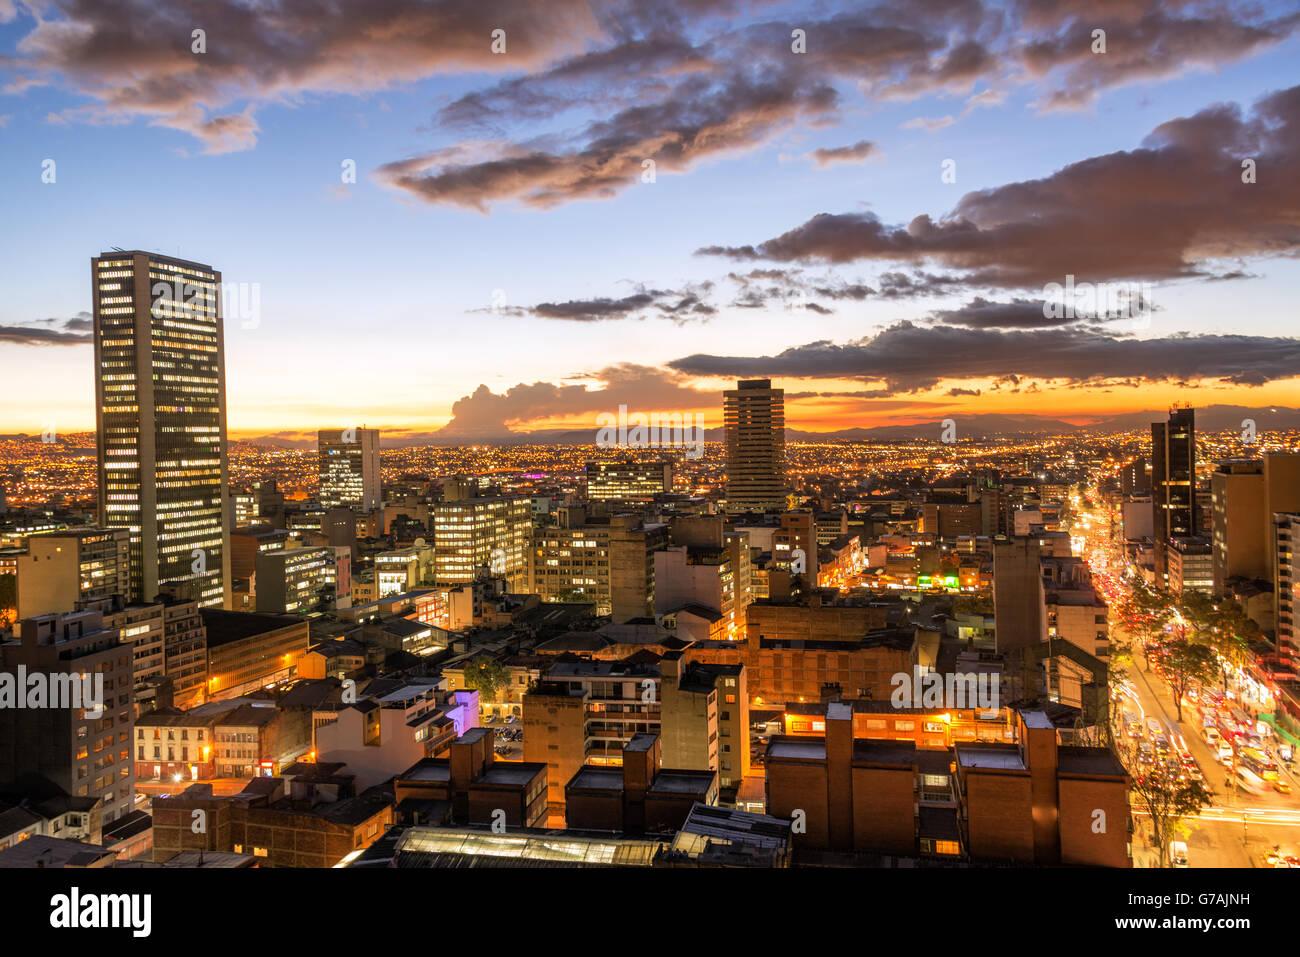 Vista del centro de la ciudad de Bogotá, Colombia al atardecer Imagen De Stock